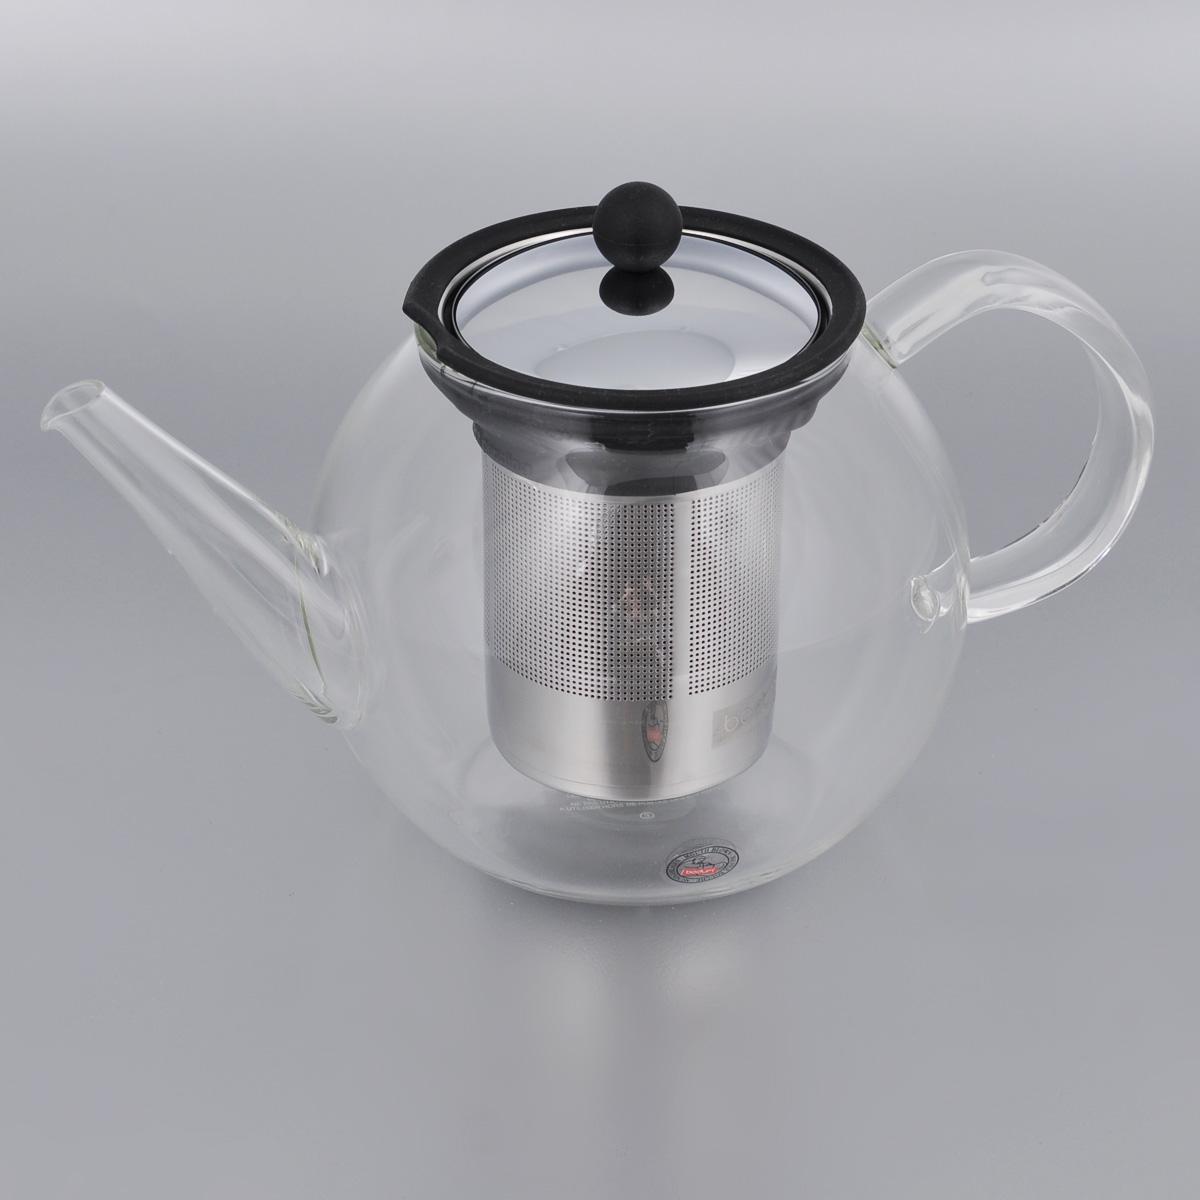 Френч-пресс Bodum Shin Cha, 1 л кофейник bodum brazil с прессом цвет белый 1 л